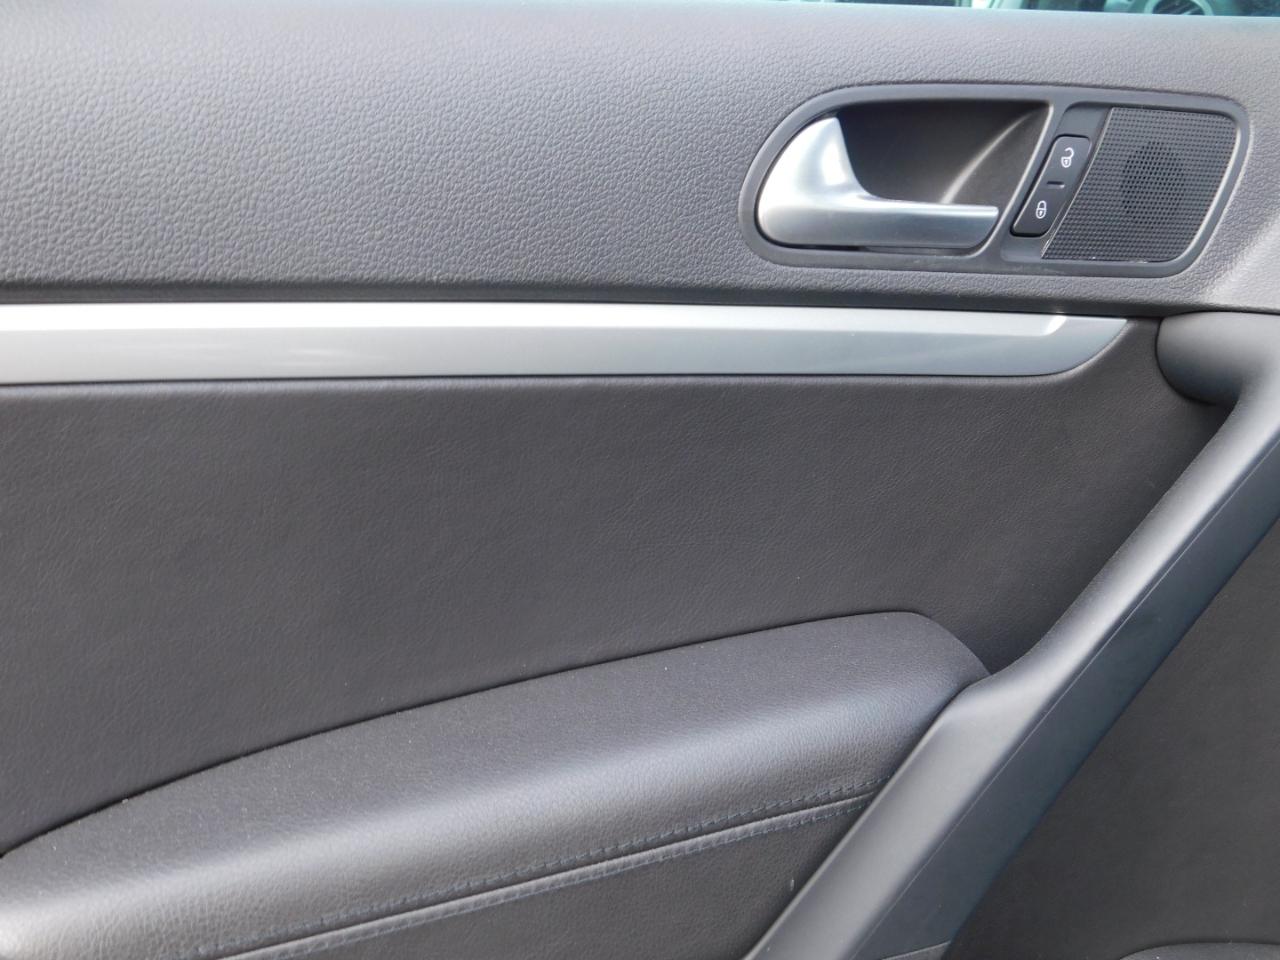 2016 Volkswagen Tiguan R-Line 4Motion